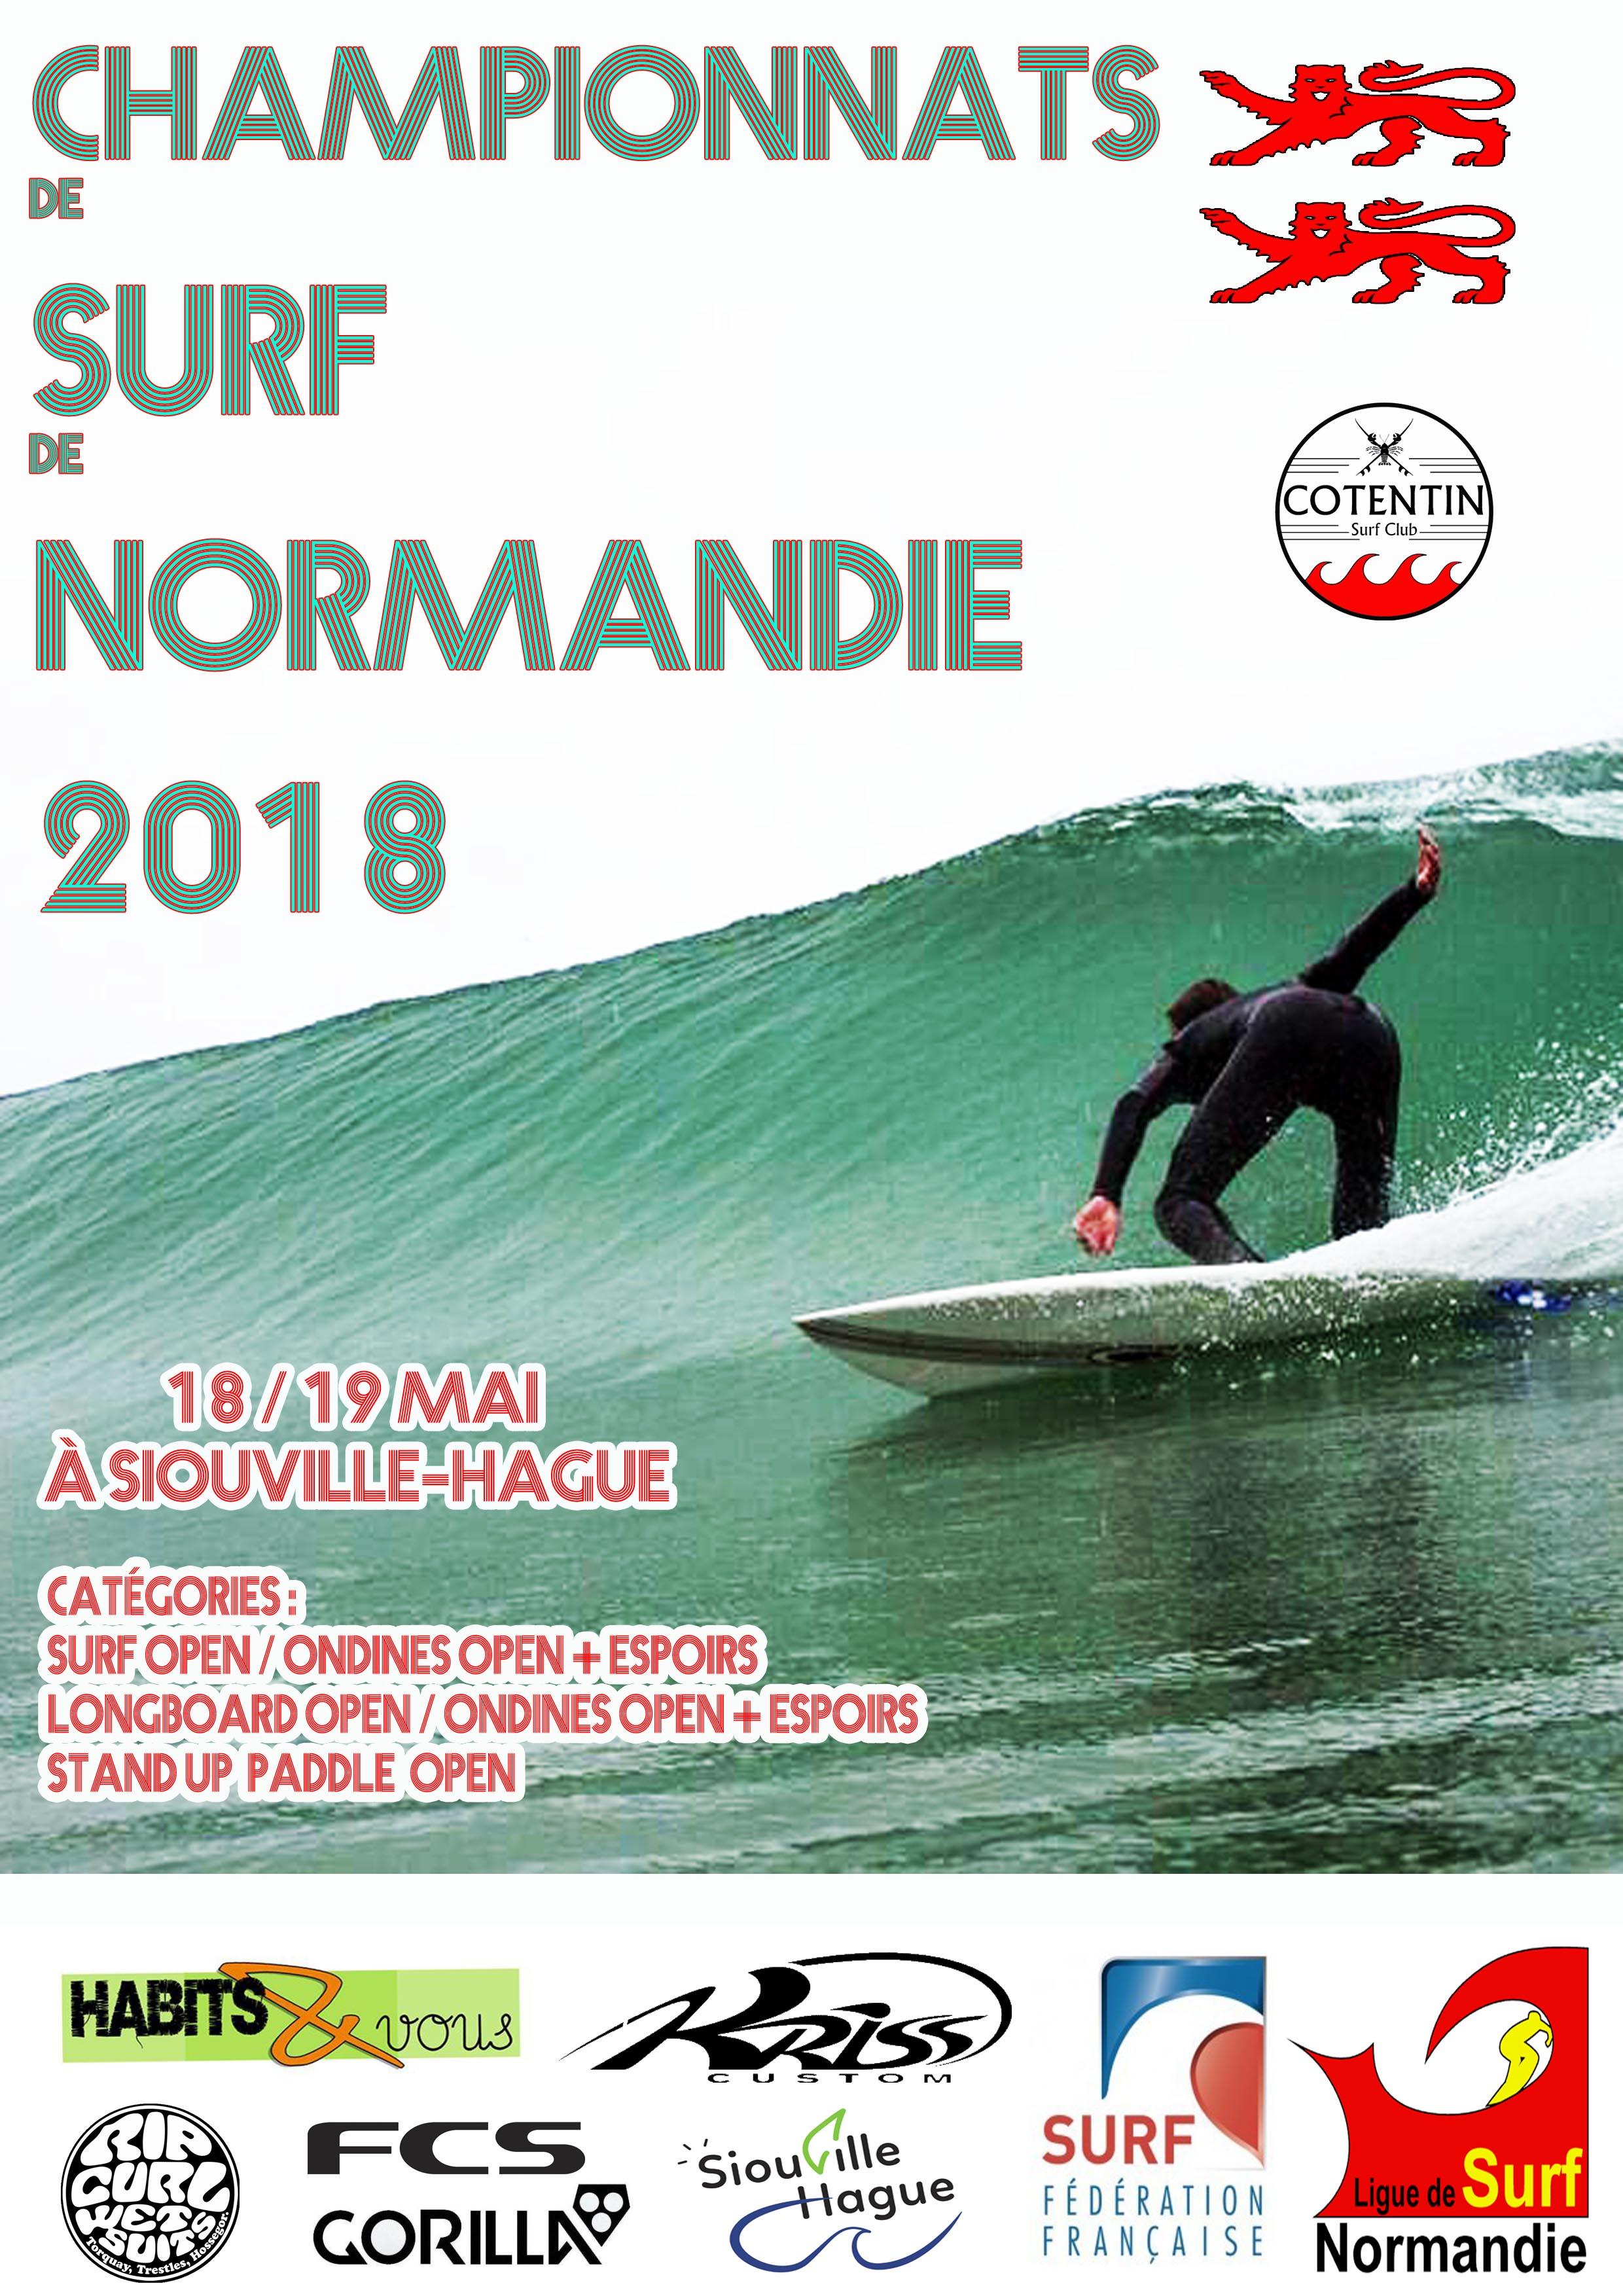 Prochaine compétition : championnats de surf de Normandie 2018